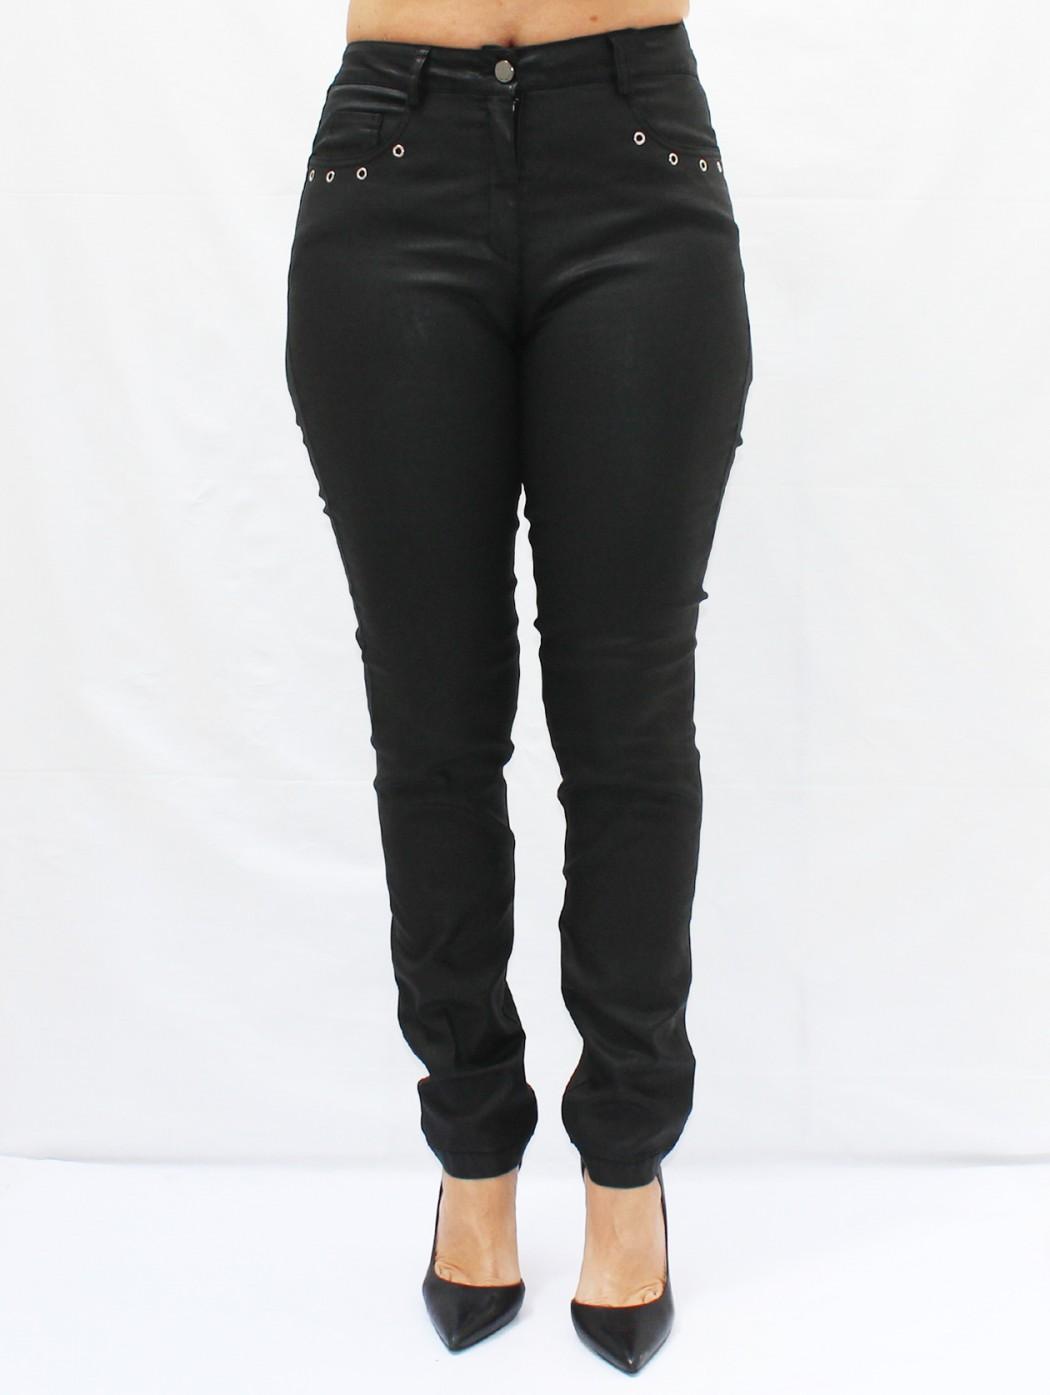 Pantaloni jeans pelle nera...